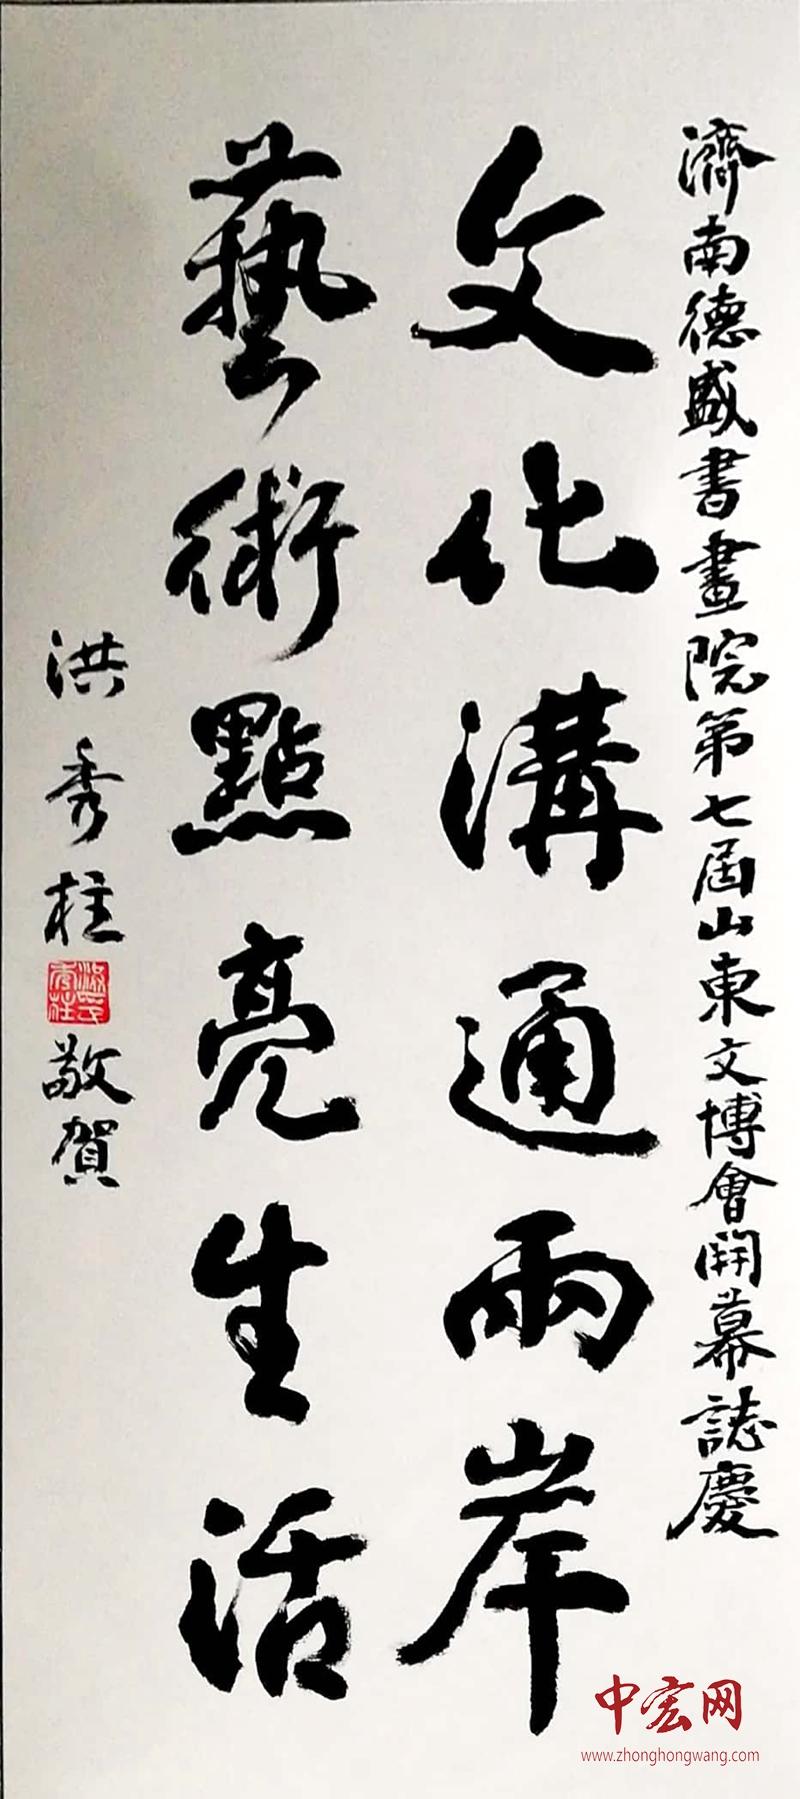 """山东文博会系列丨""""两岸一家亲·台湾书画名家展""""首次登陆山东"""